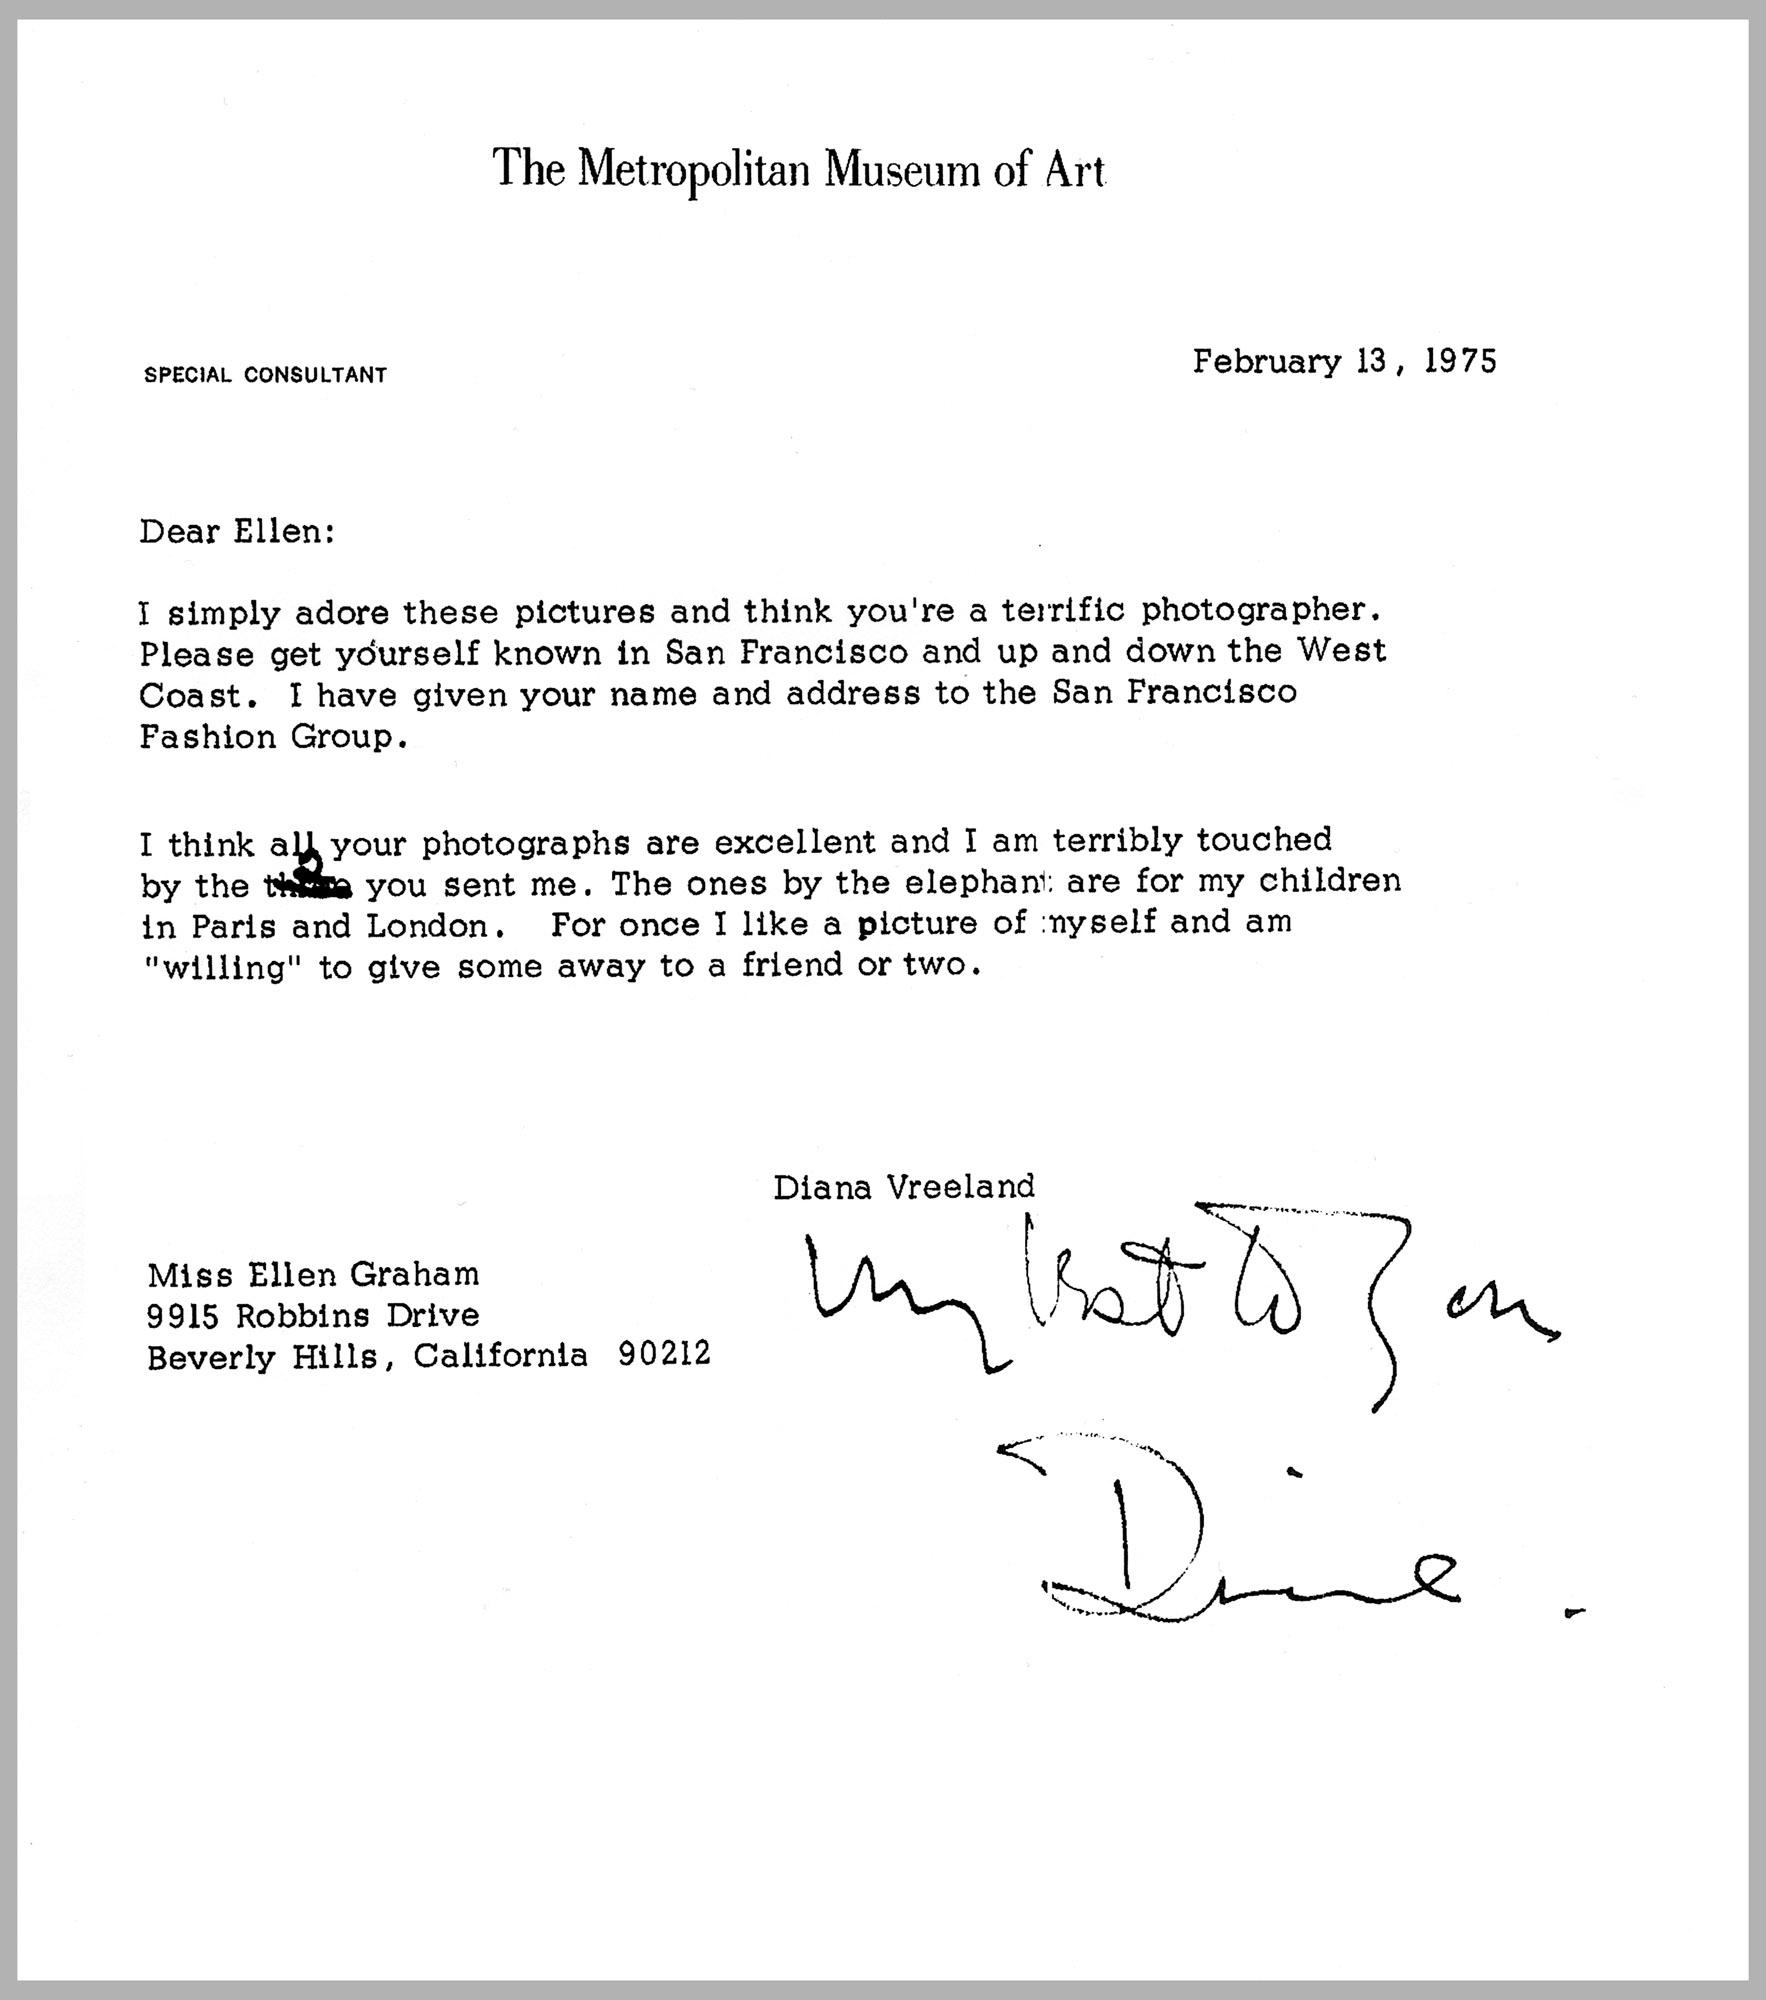 Diana_Vreeland_Letter-To-Ellen-Graham_004-VreelandLetter_Web_1500.jpg